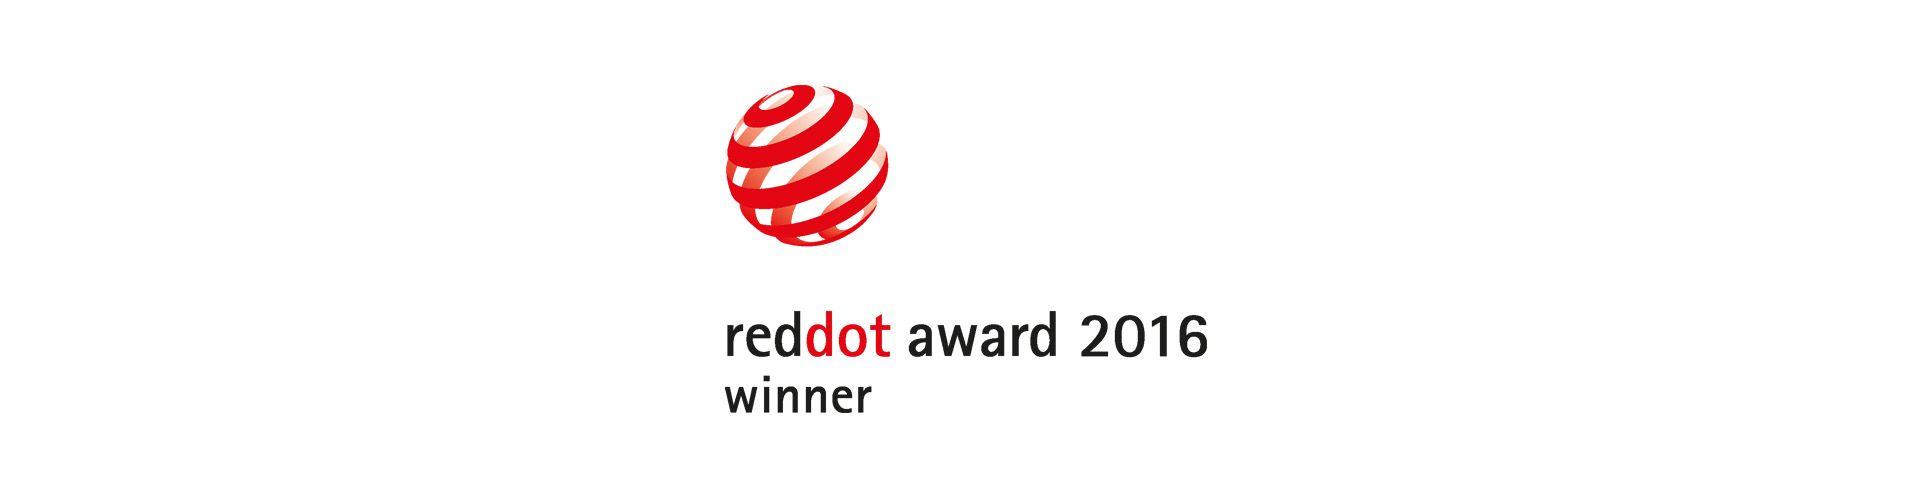 Linos reddot award